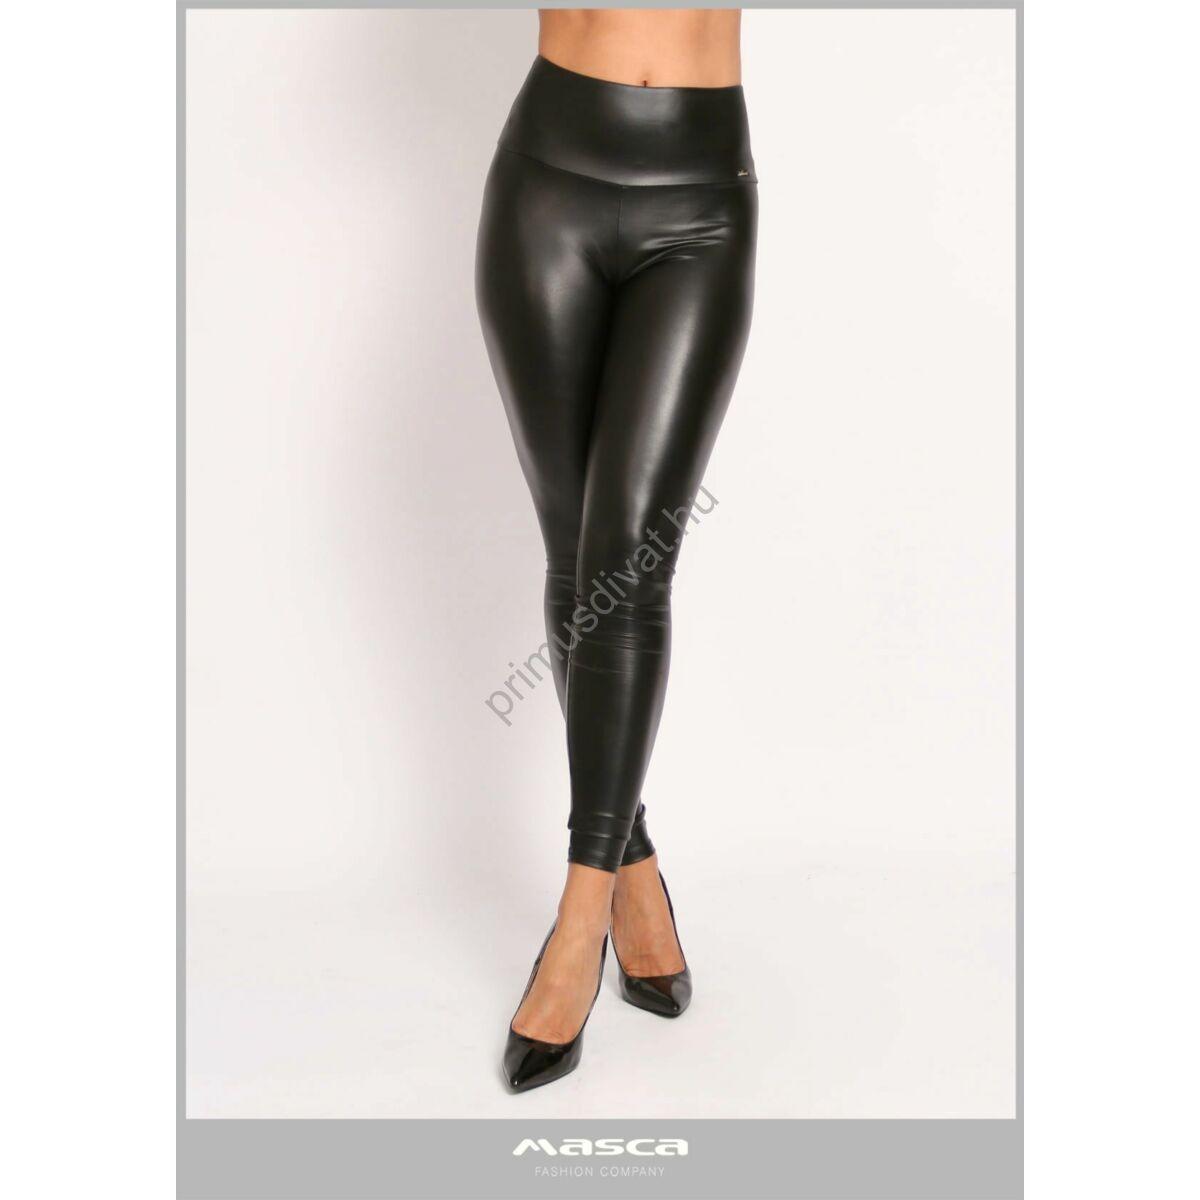 Masca Fashion magas derekú bőrhatású rugalmas fekete leggings, cicanadrág, hátán zsebfedőkkel